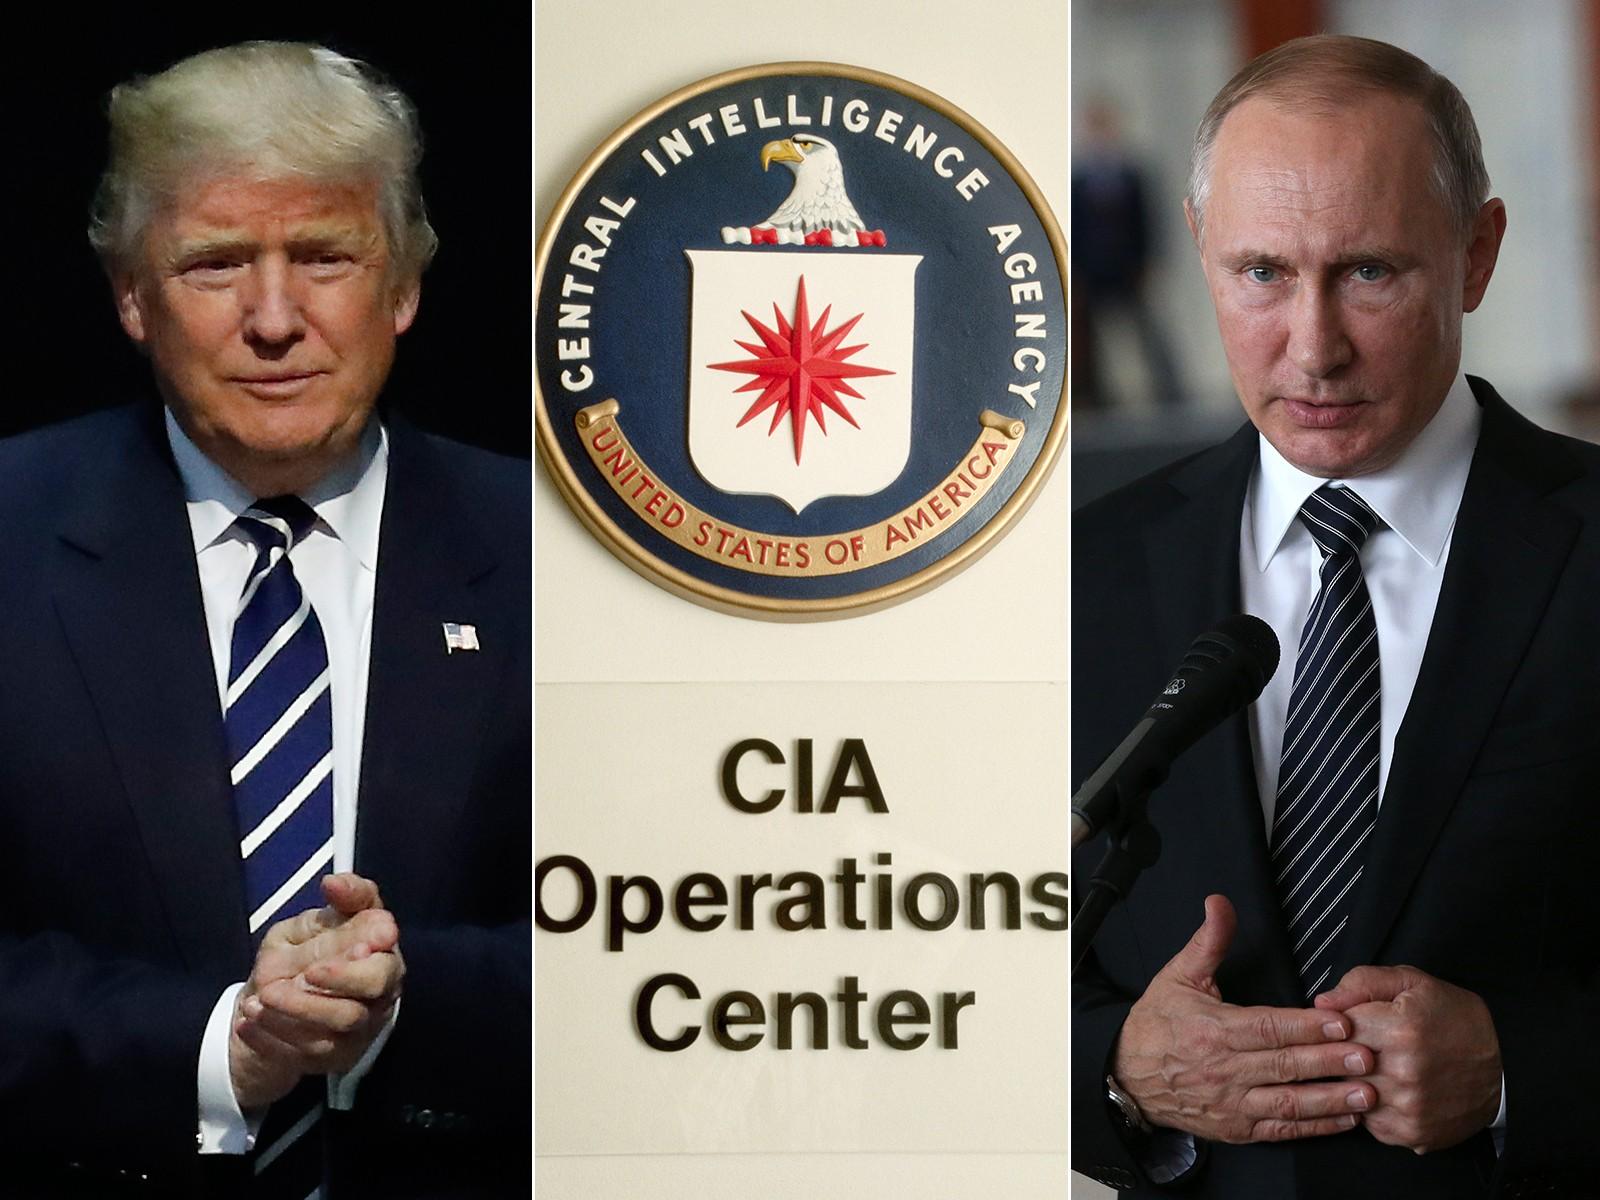 Vì sao Tổng thống Putin đích thân cảm ơn CIA? - Ảnh 1